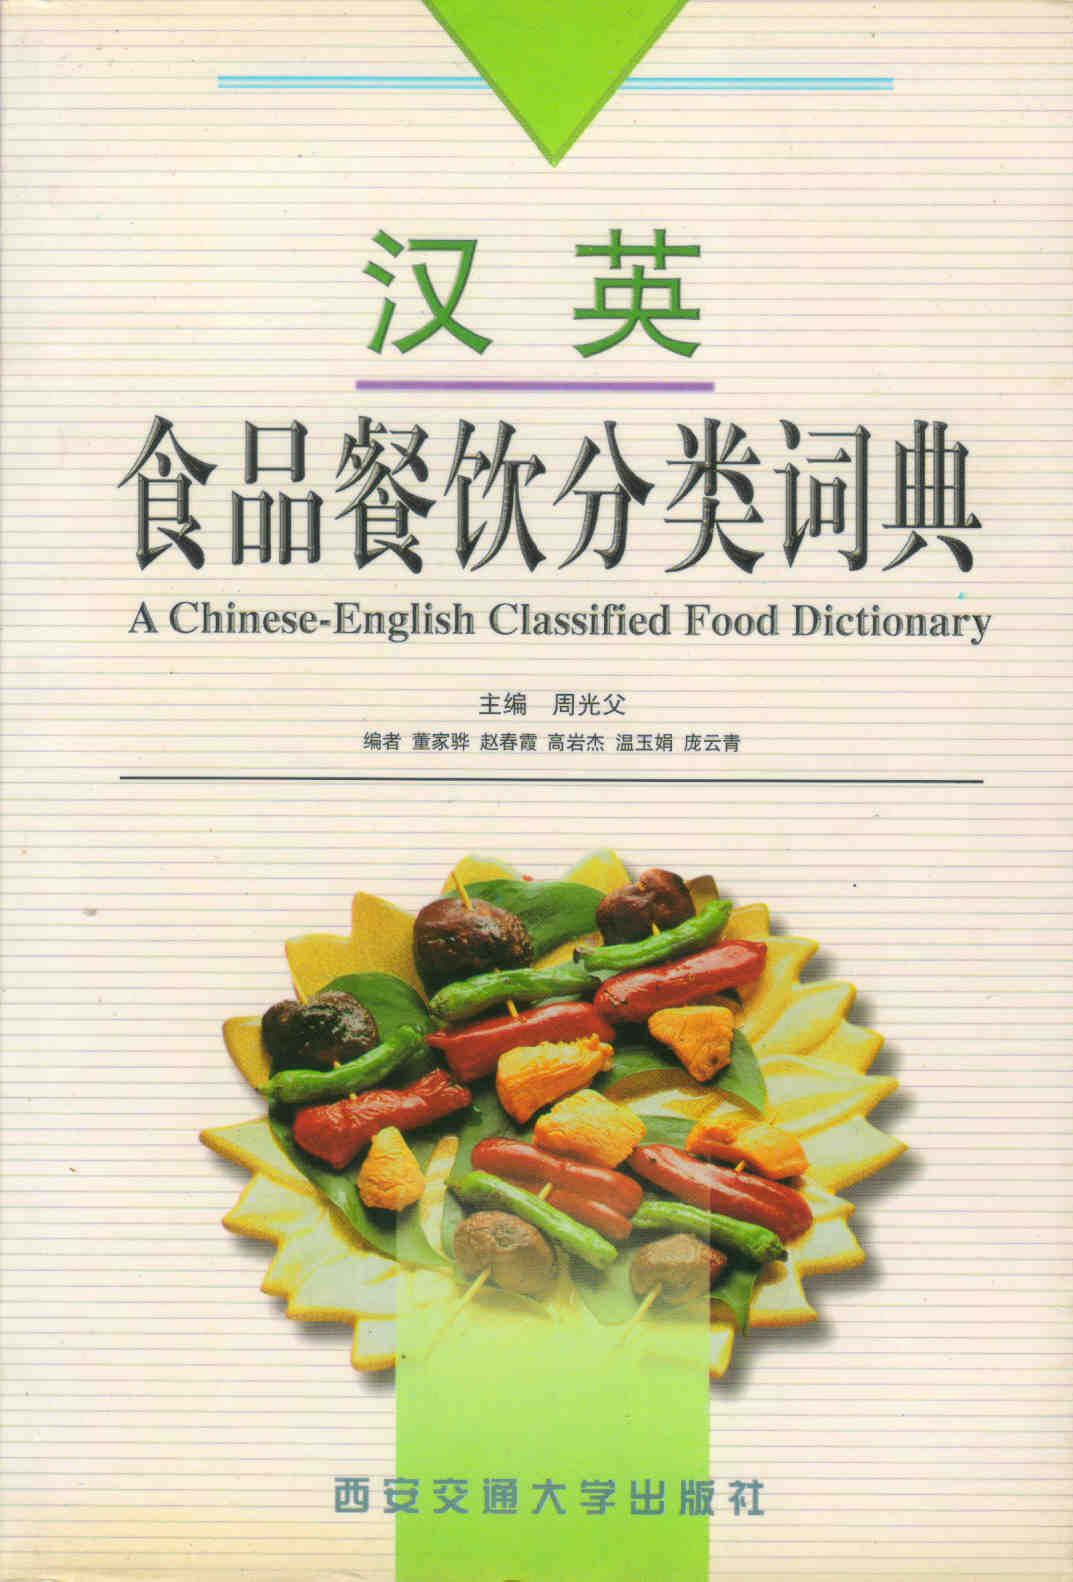 汉英食品餐饮分类词典/A Chinese-English classified food dictionary